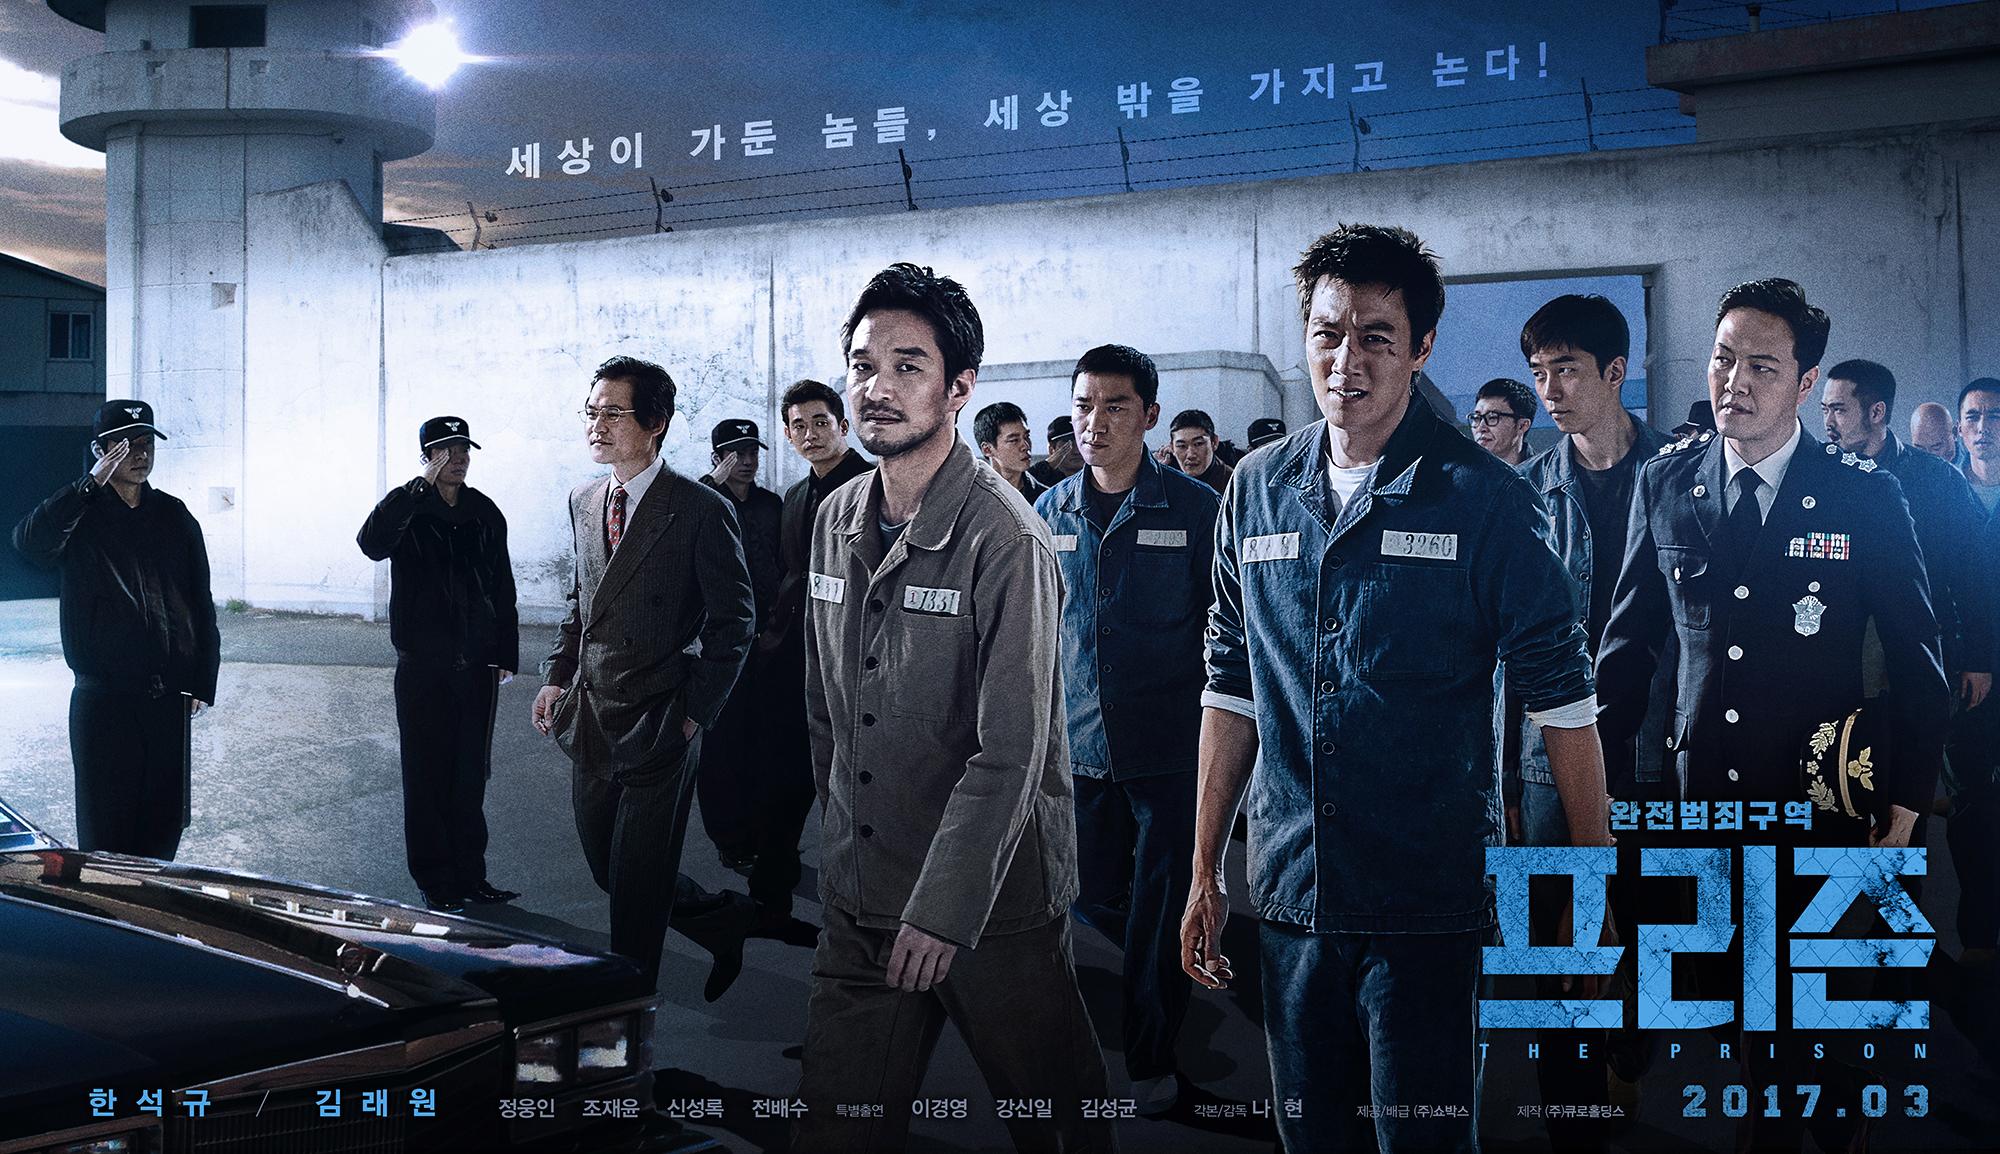 دانلود فیلم The Prison 2017